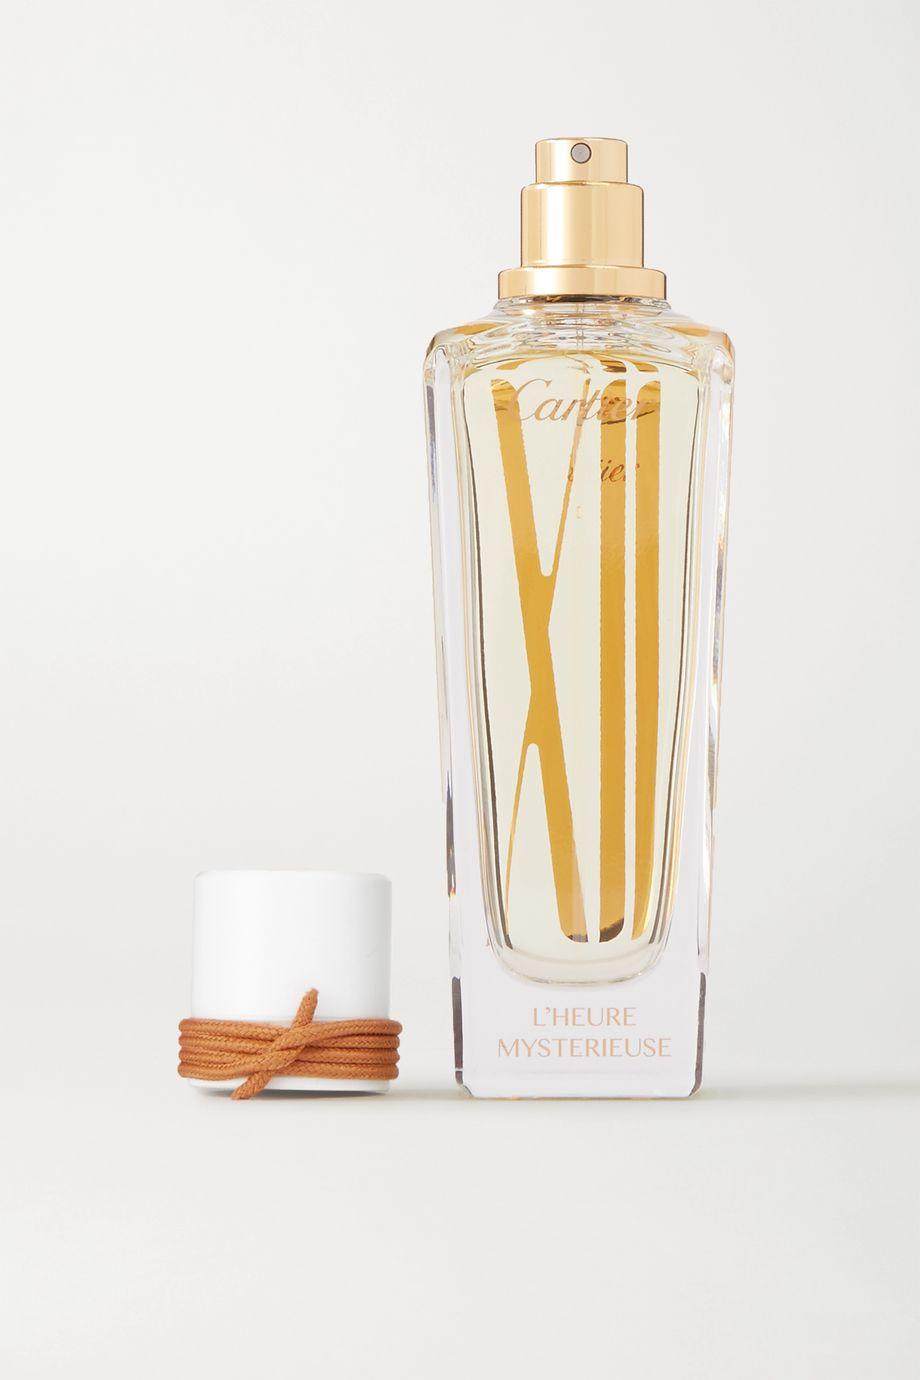 Cartier Perfumes Eau de Parfum - L'Heure Mystérieuse, 75ml